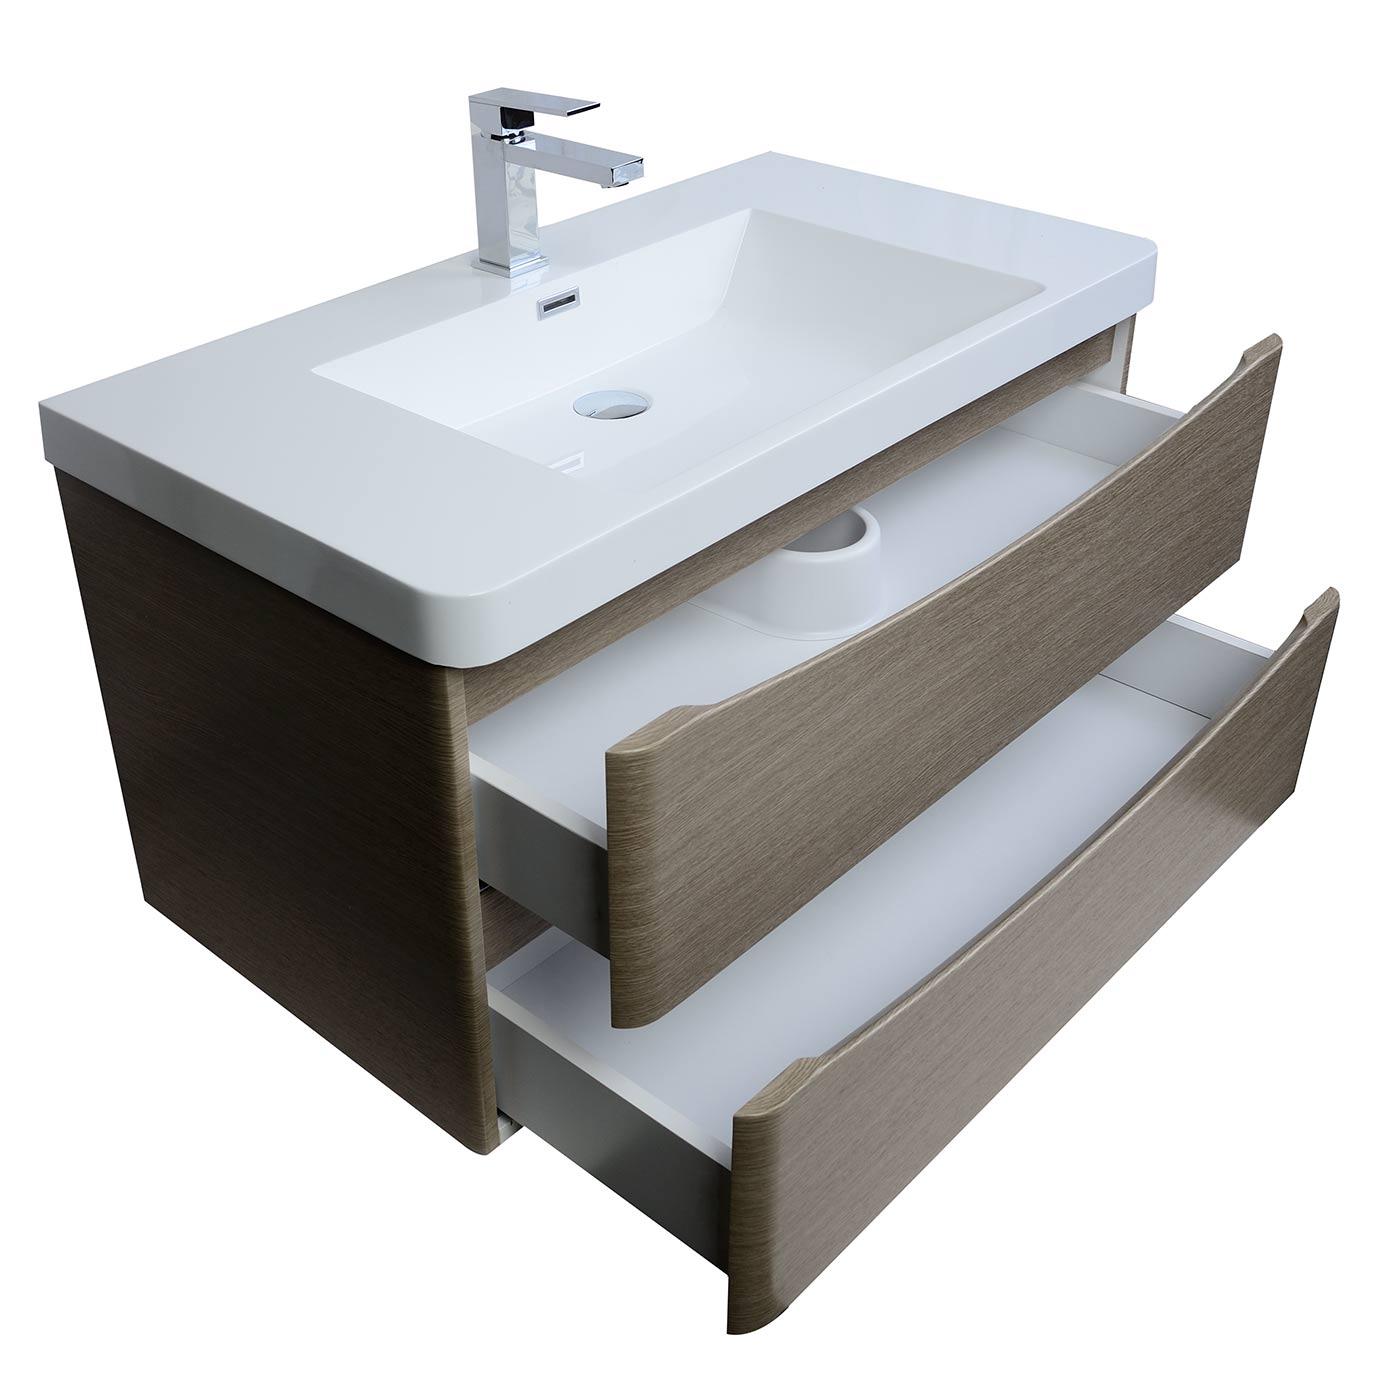 Wall Mount Bathroom Vanities. Merida 35 5 Wall Mount Bathroom Vanity In Light Pine Tn Sm900 Lp